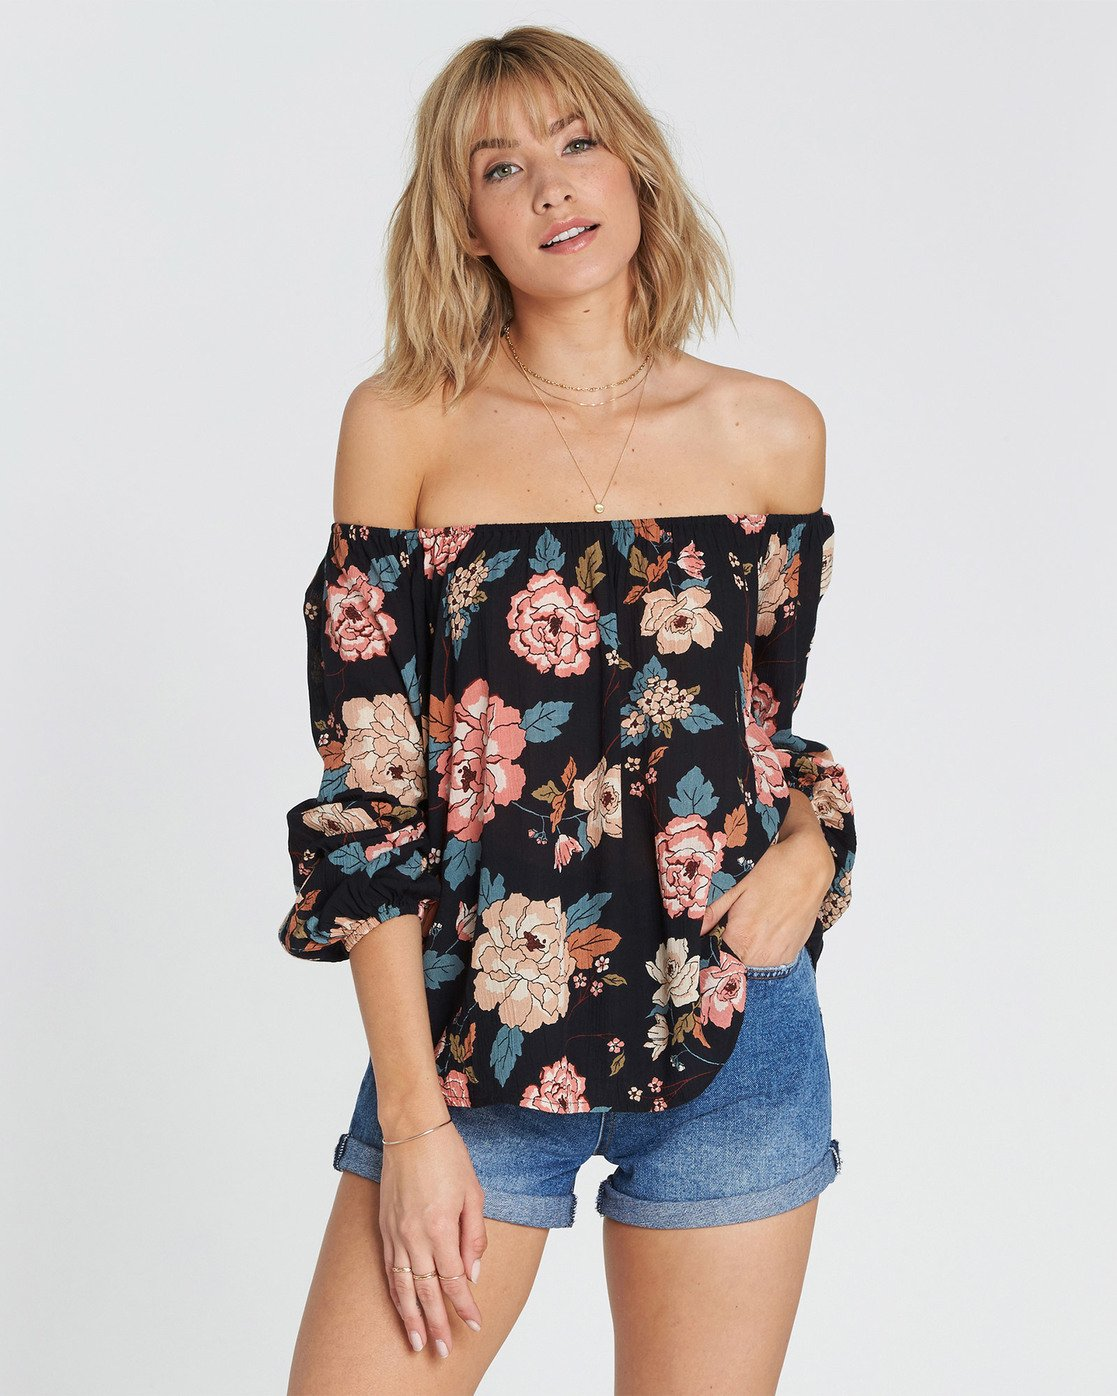 b5e7269fd601cd 0 Mi Amore Floral Print Off-The-Shoulder Top Black J530SBMI Billabong